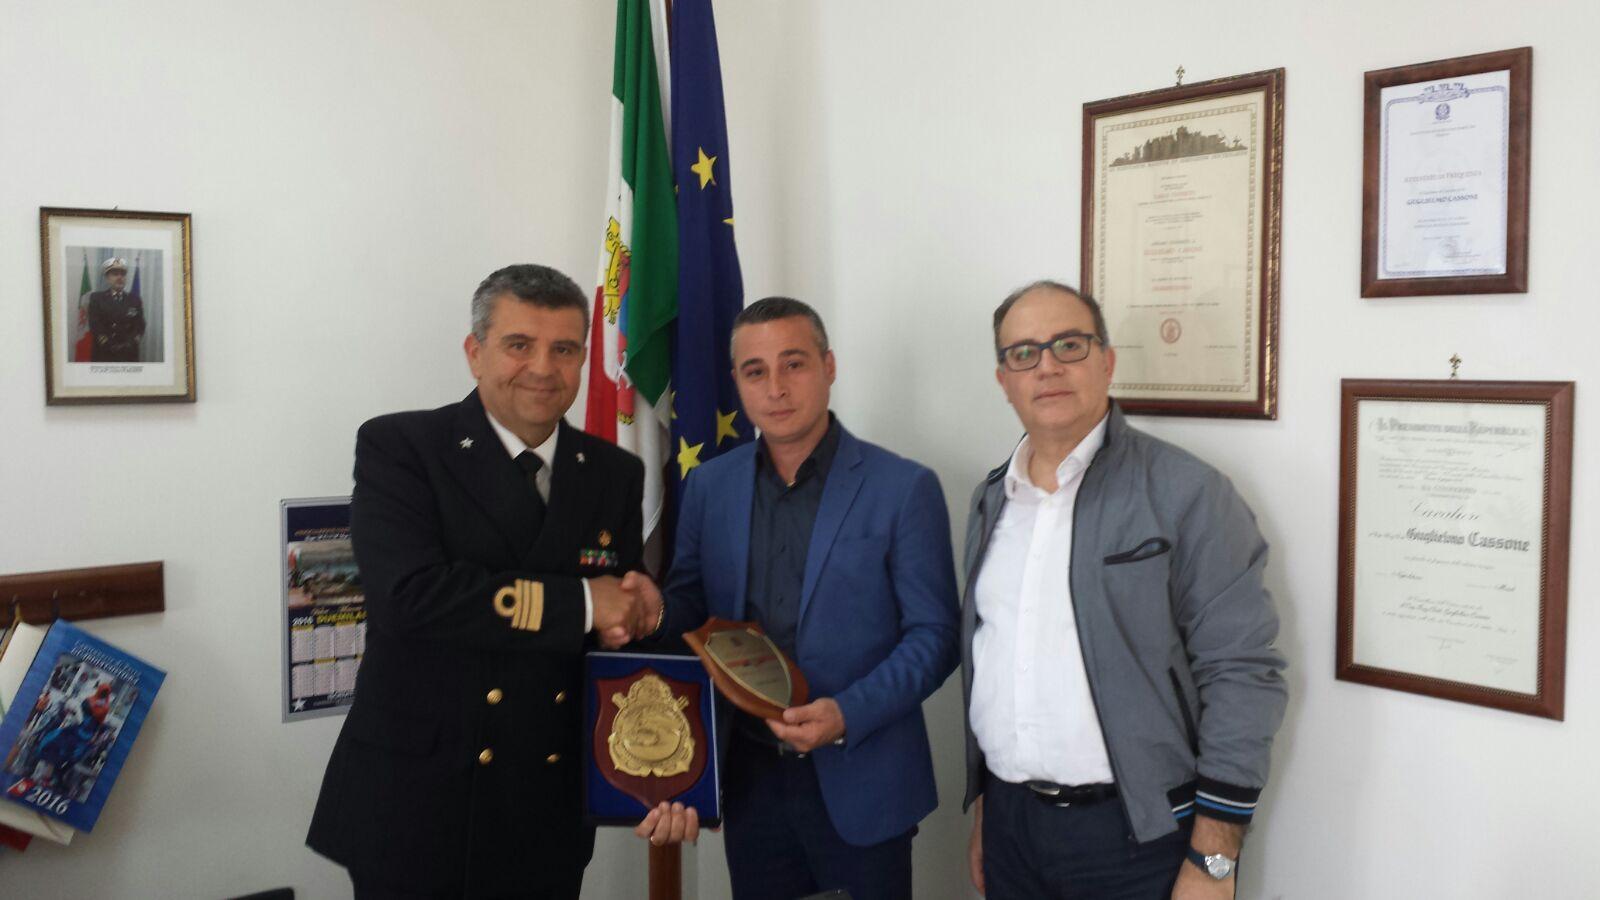 INCONTRO CON IL COMANDANTE DELLA CAPITANERIA DI CASTELLAMMARE STABIA